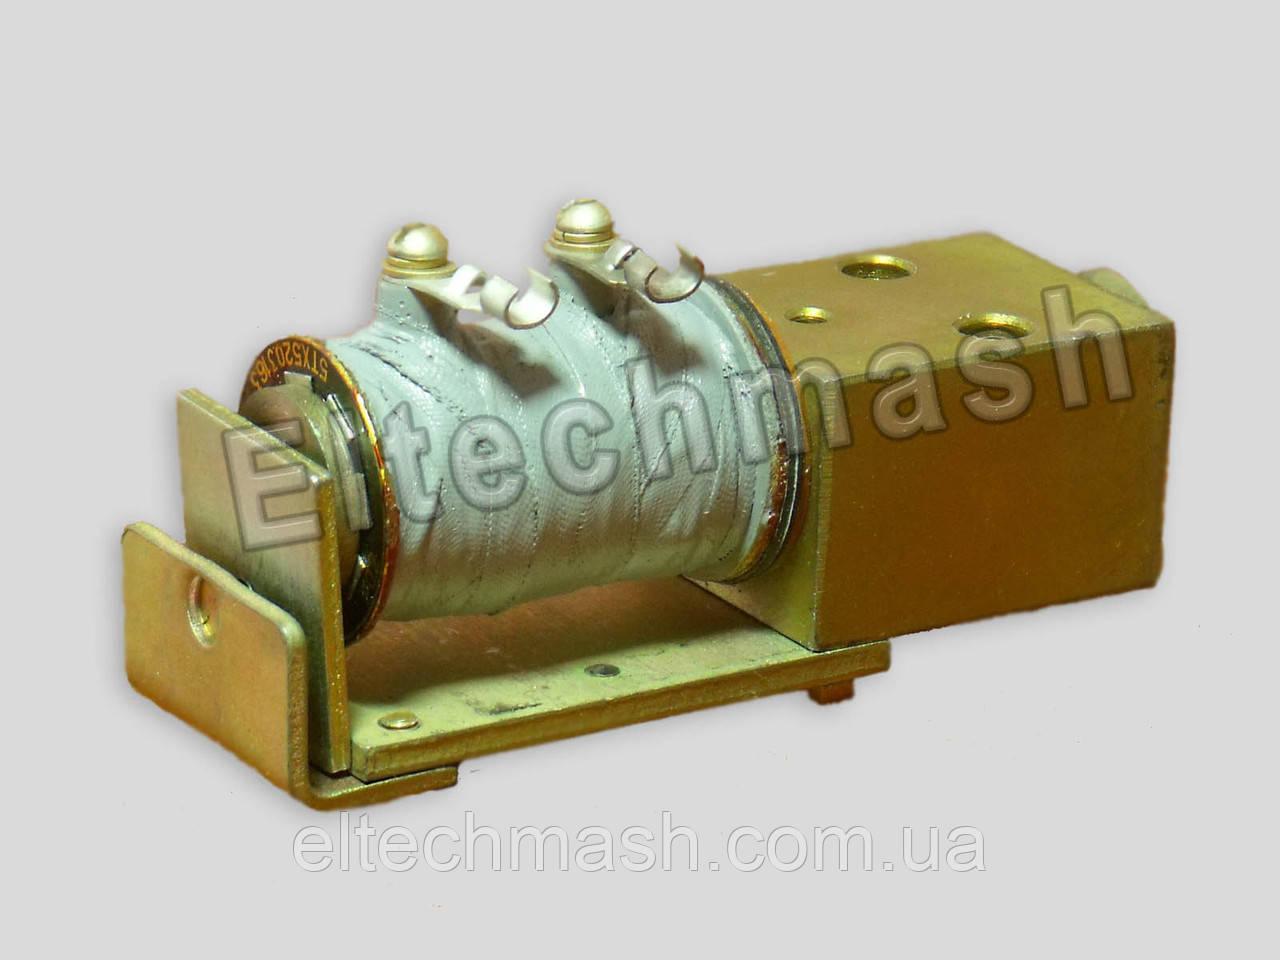 Вентиль электропневматический ВВ-1 У3 (75В), БИЛТ.677139.002-02, (2ТХ.956.000)